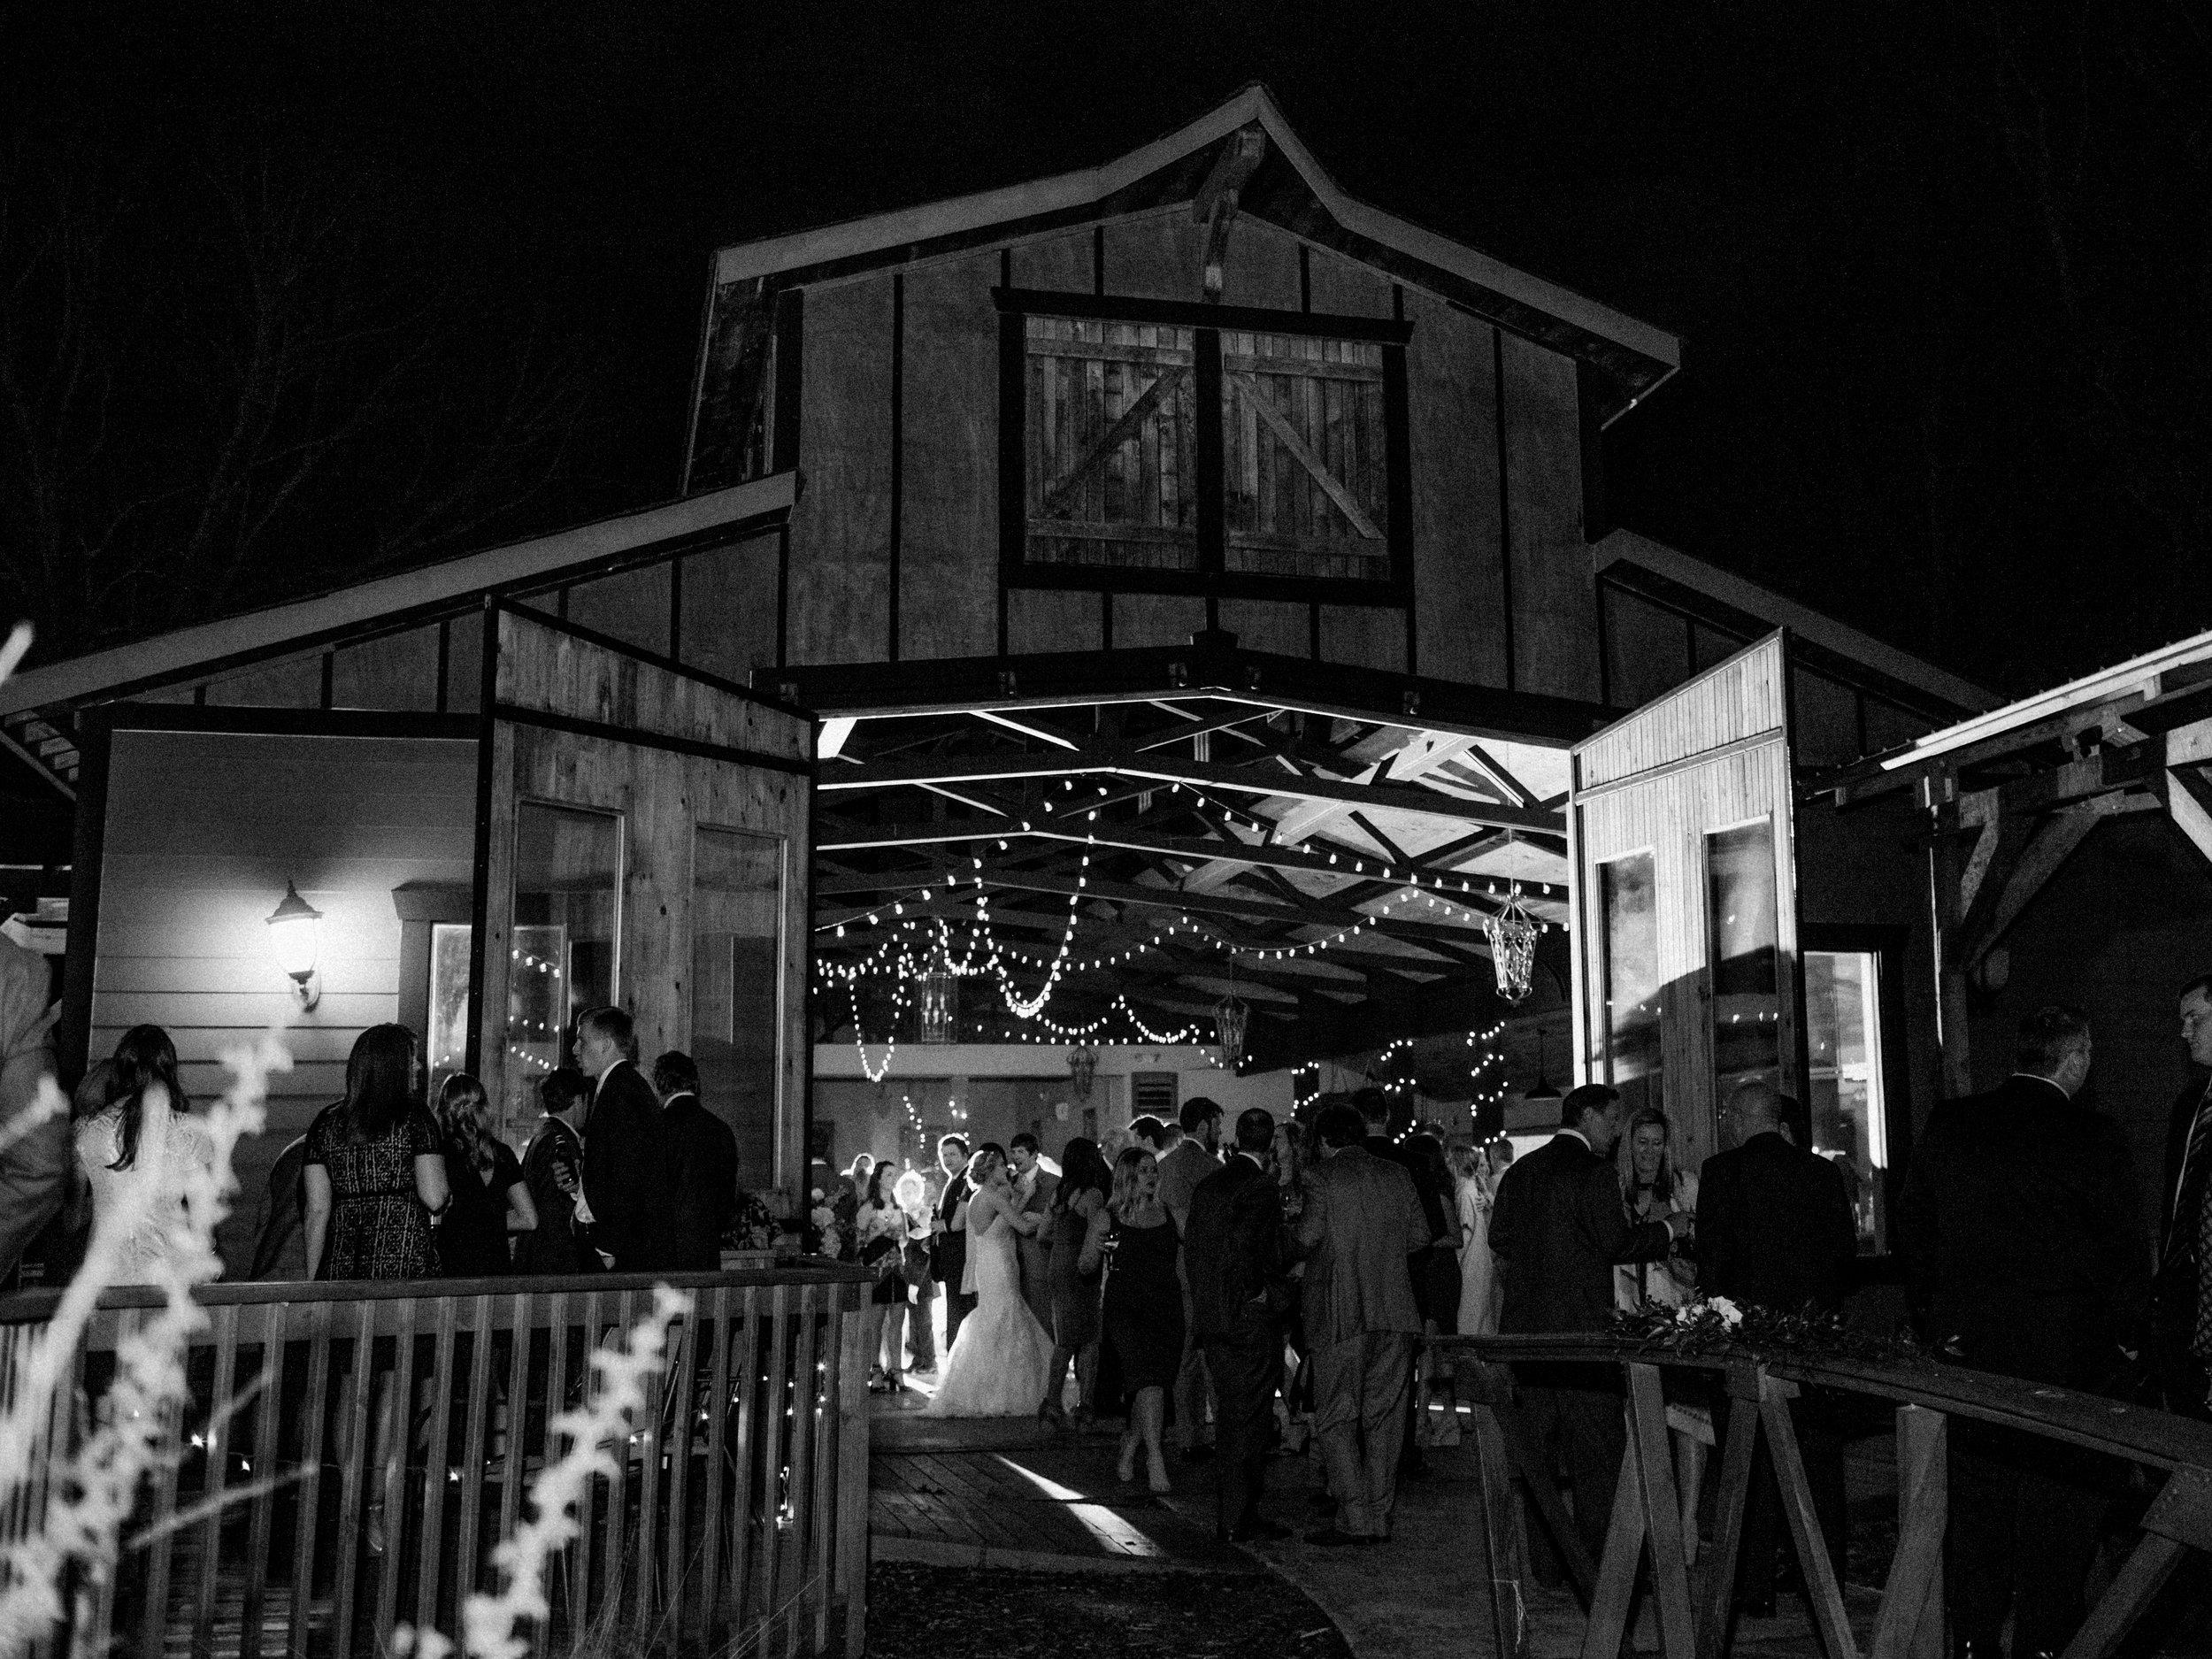 white-oaks-barn-wedding-dahlonega-ga-photographer-20.jpg